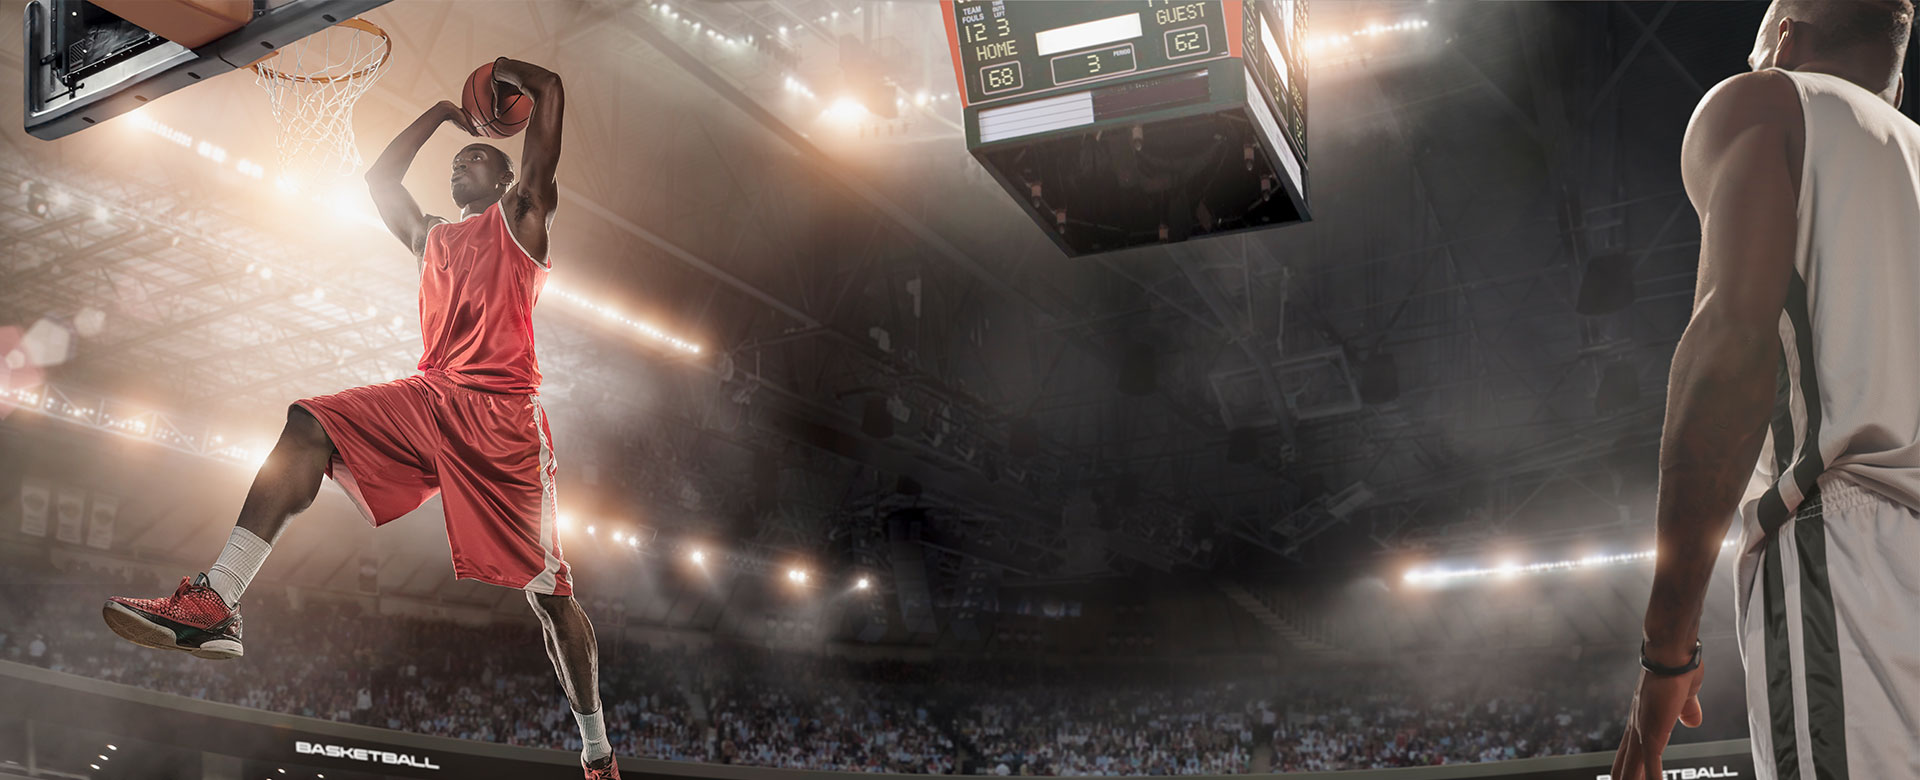 <h2>Korb für Korb dabei – Basketball-Anzeigen</h2> <p></p> <p></p> <p></p> <p></p> <h2></h2>